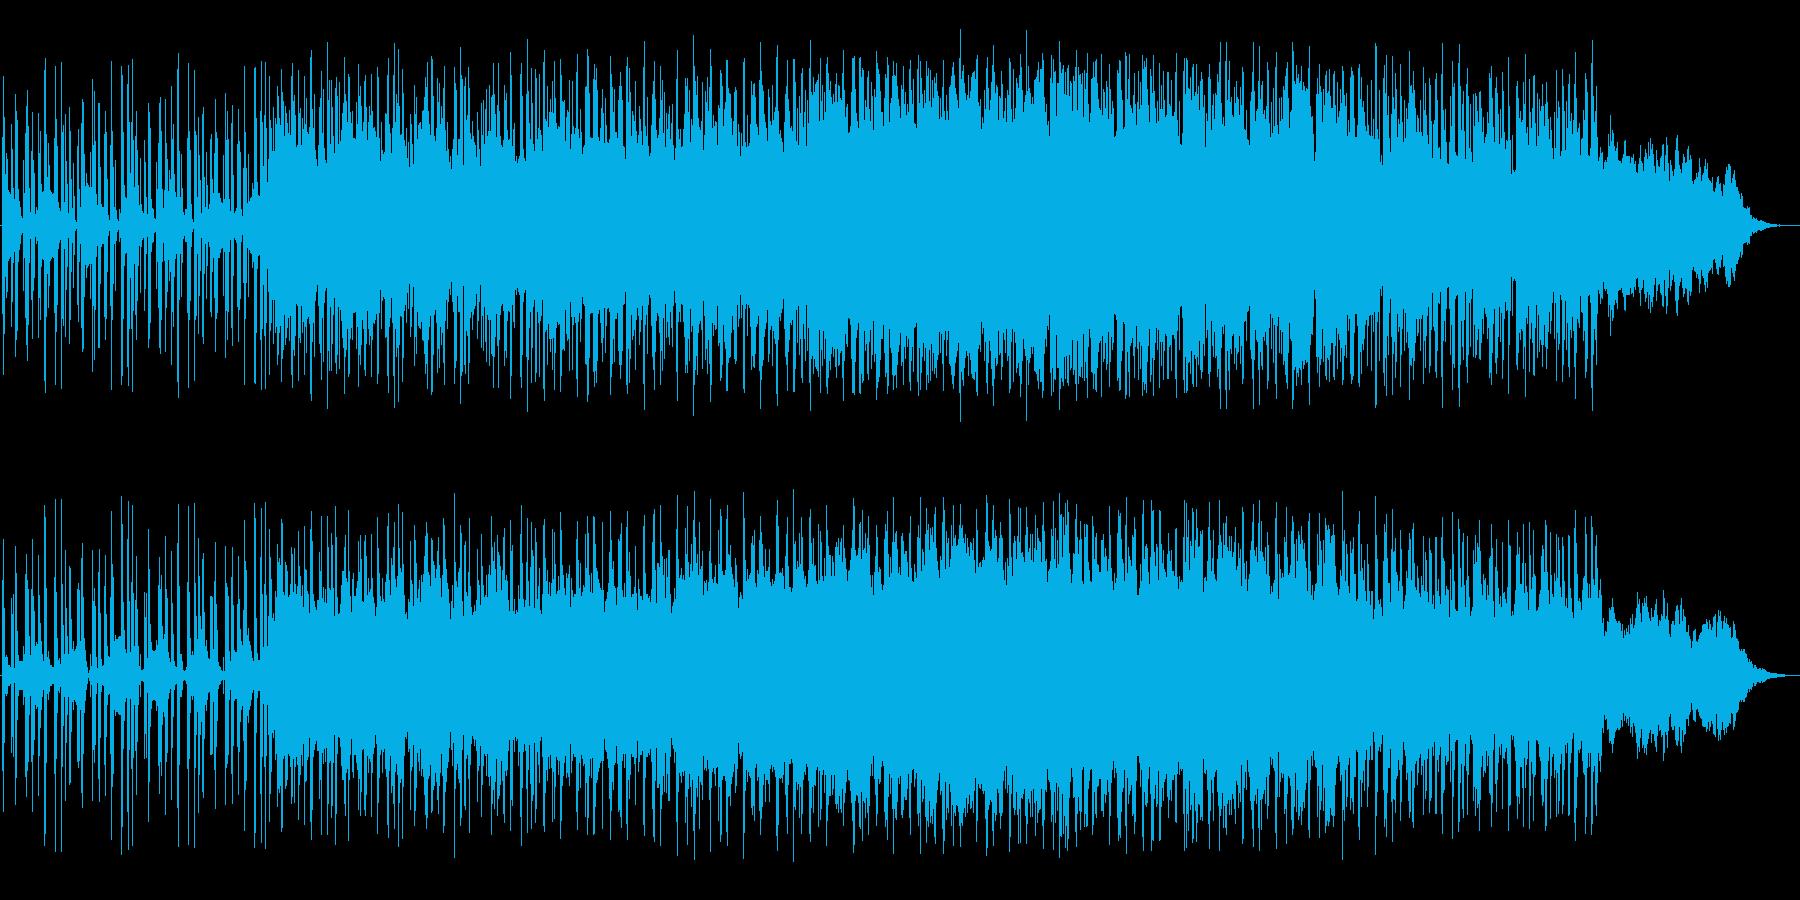 幻想的で活力あるヒーリングミュージックの再生済みの波形